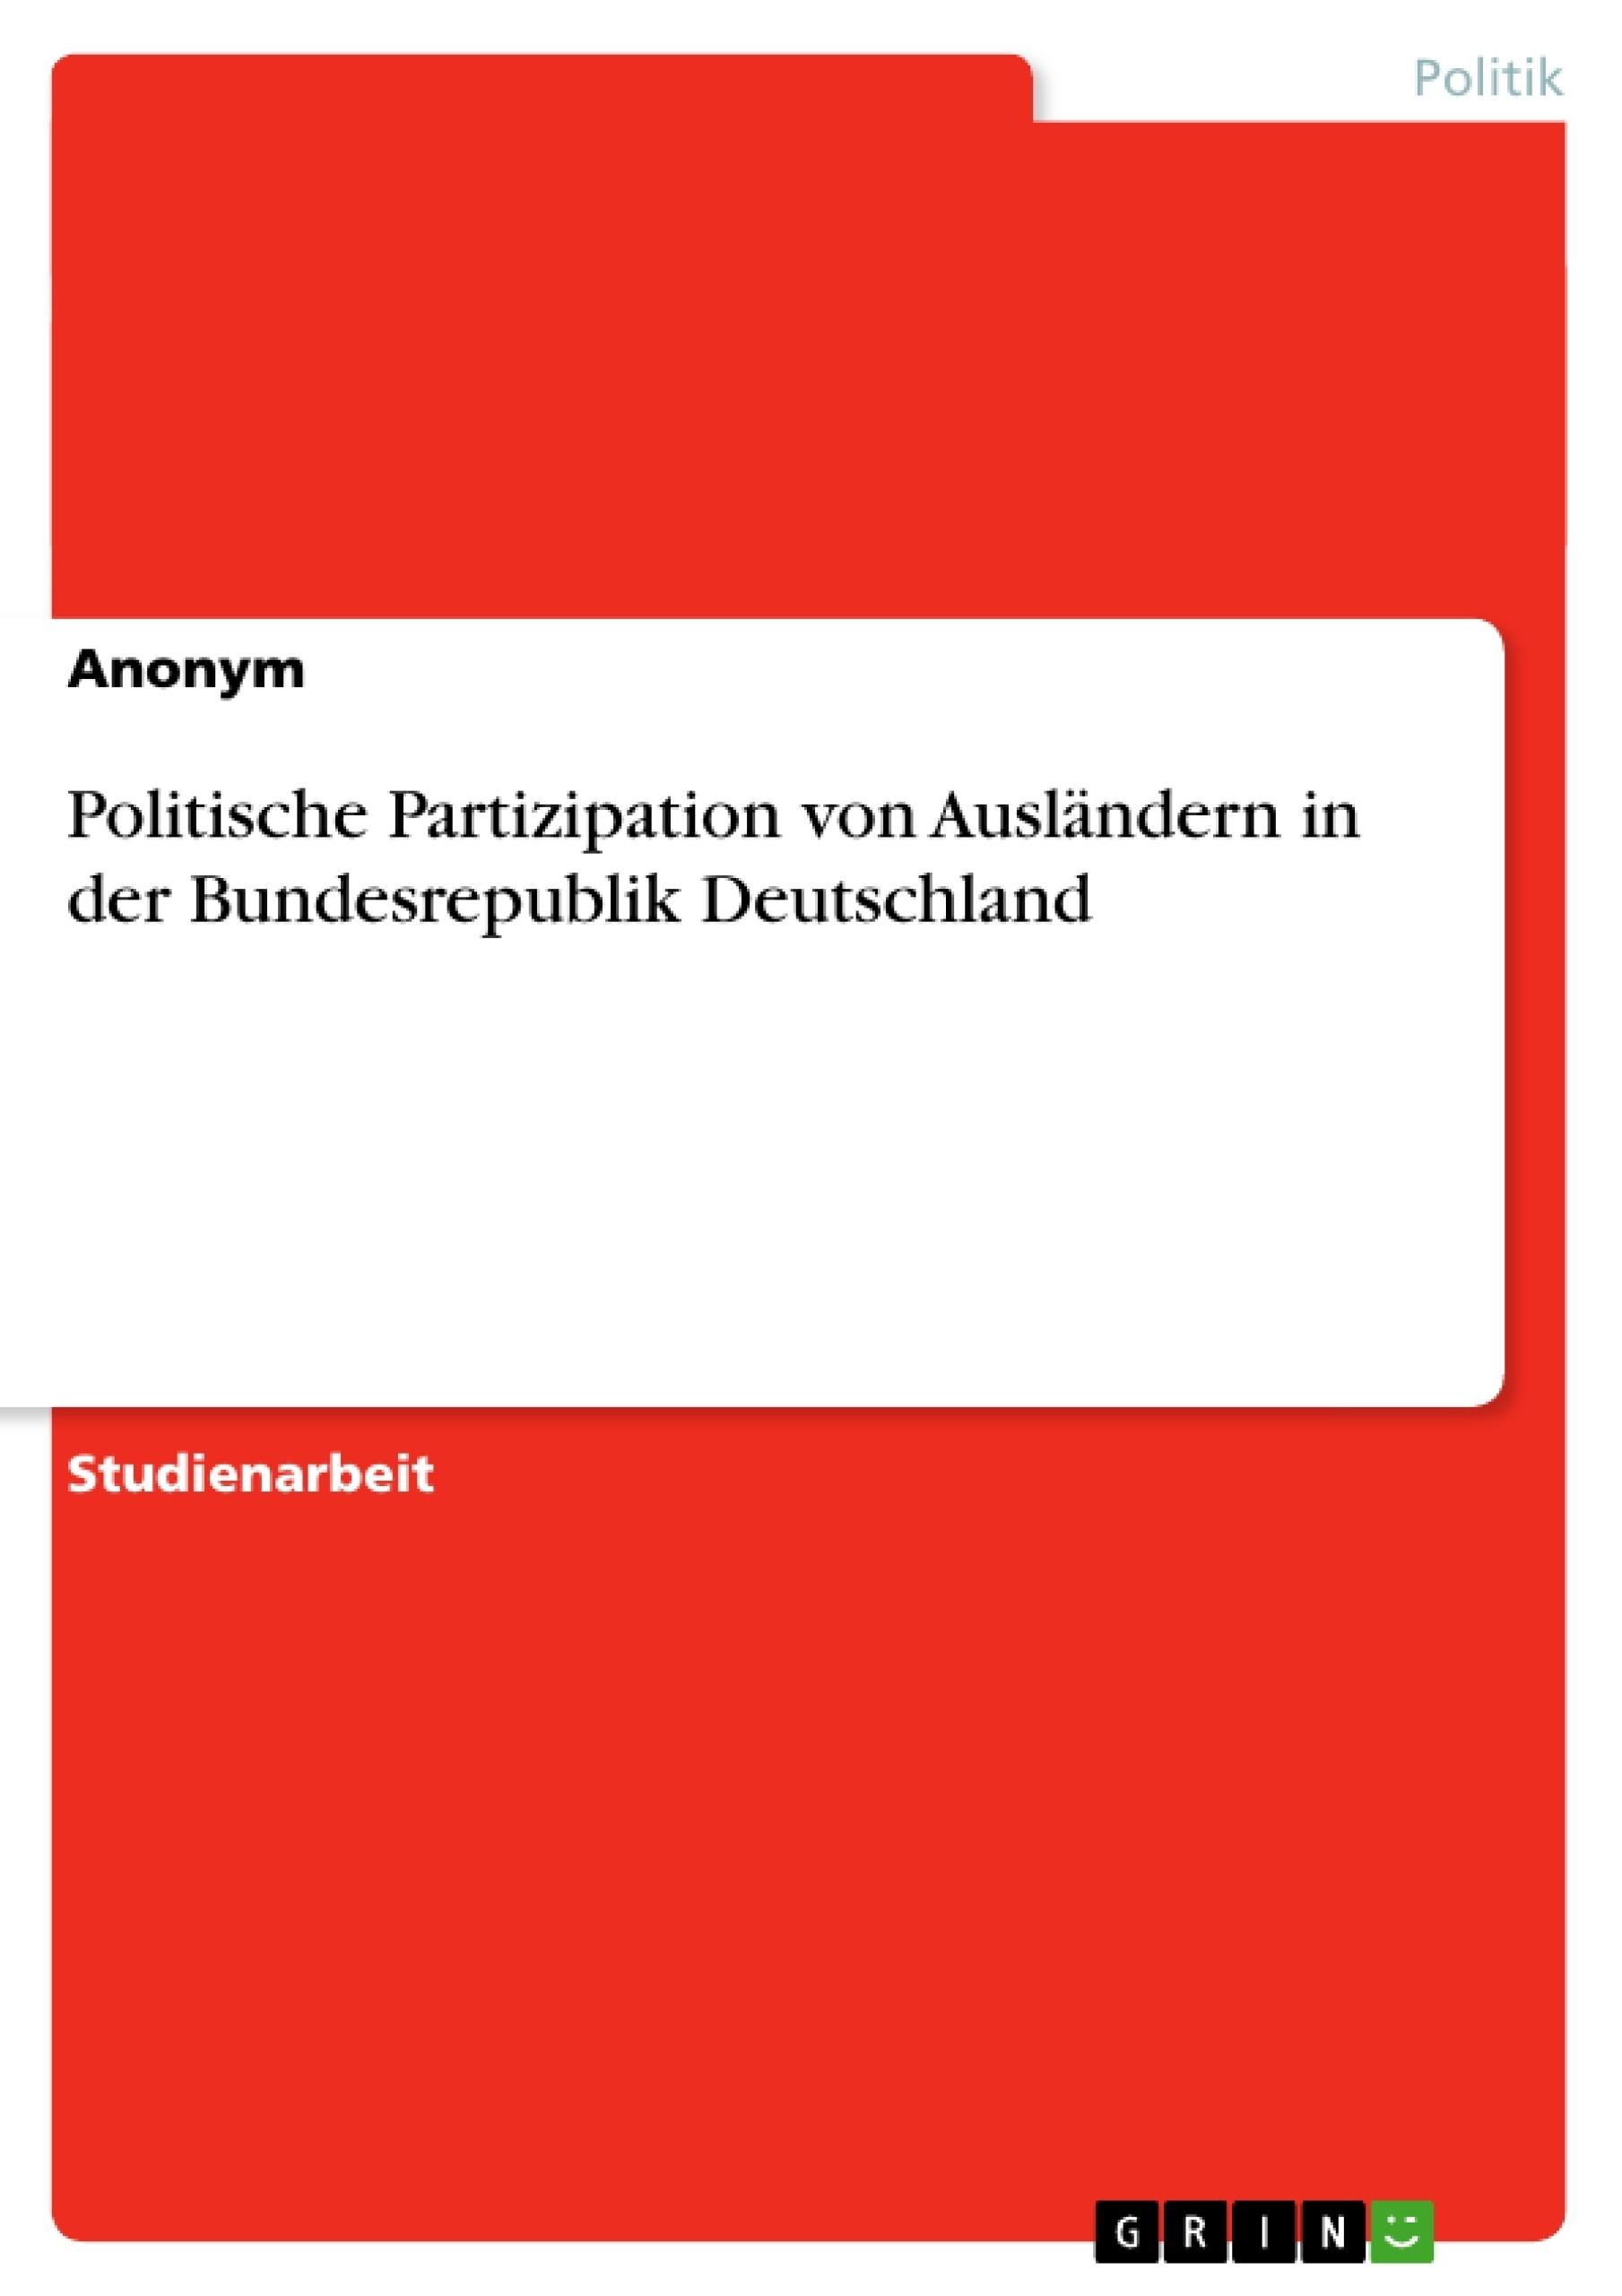 Titel: Politische Partizipation von Ausländern in der Bundesrepublik Deutschland